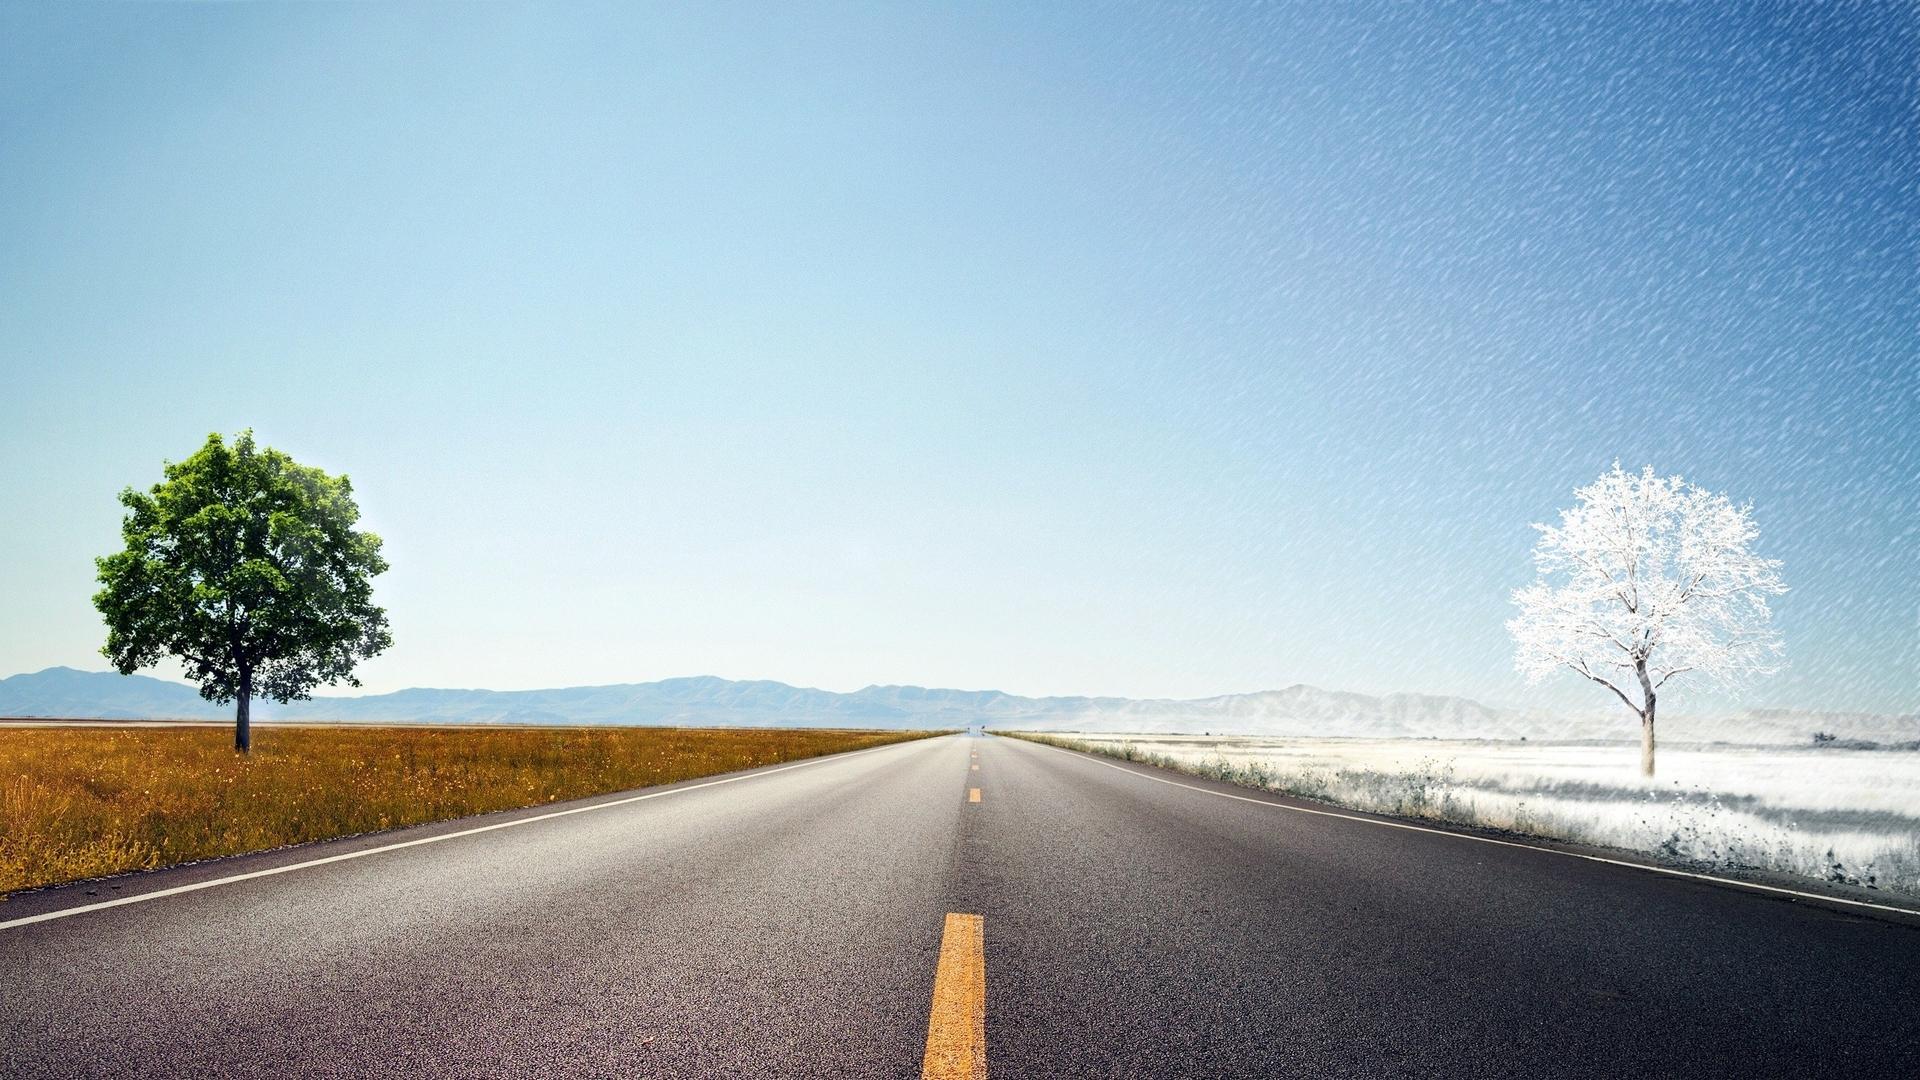 蜿蜒崎岖公路风景图片